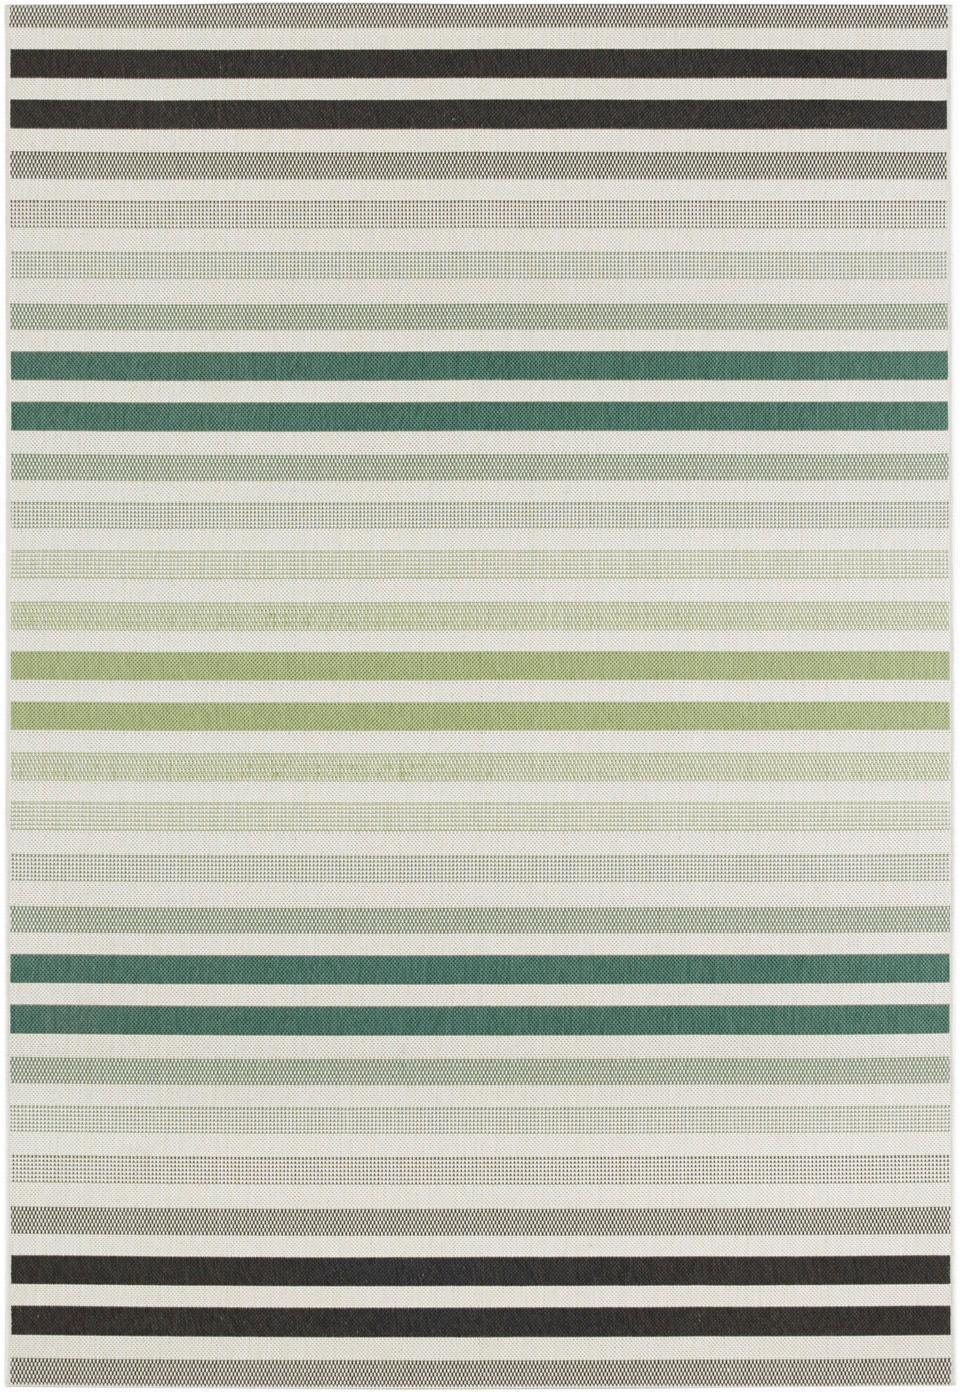 Gestreept in- en outdoor vloerkleed Paros, 100% polypropyleen, Groen, beige, antraciet, B 160 x L 230 cm (maat M)